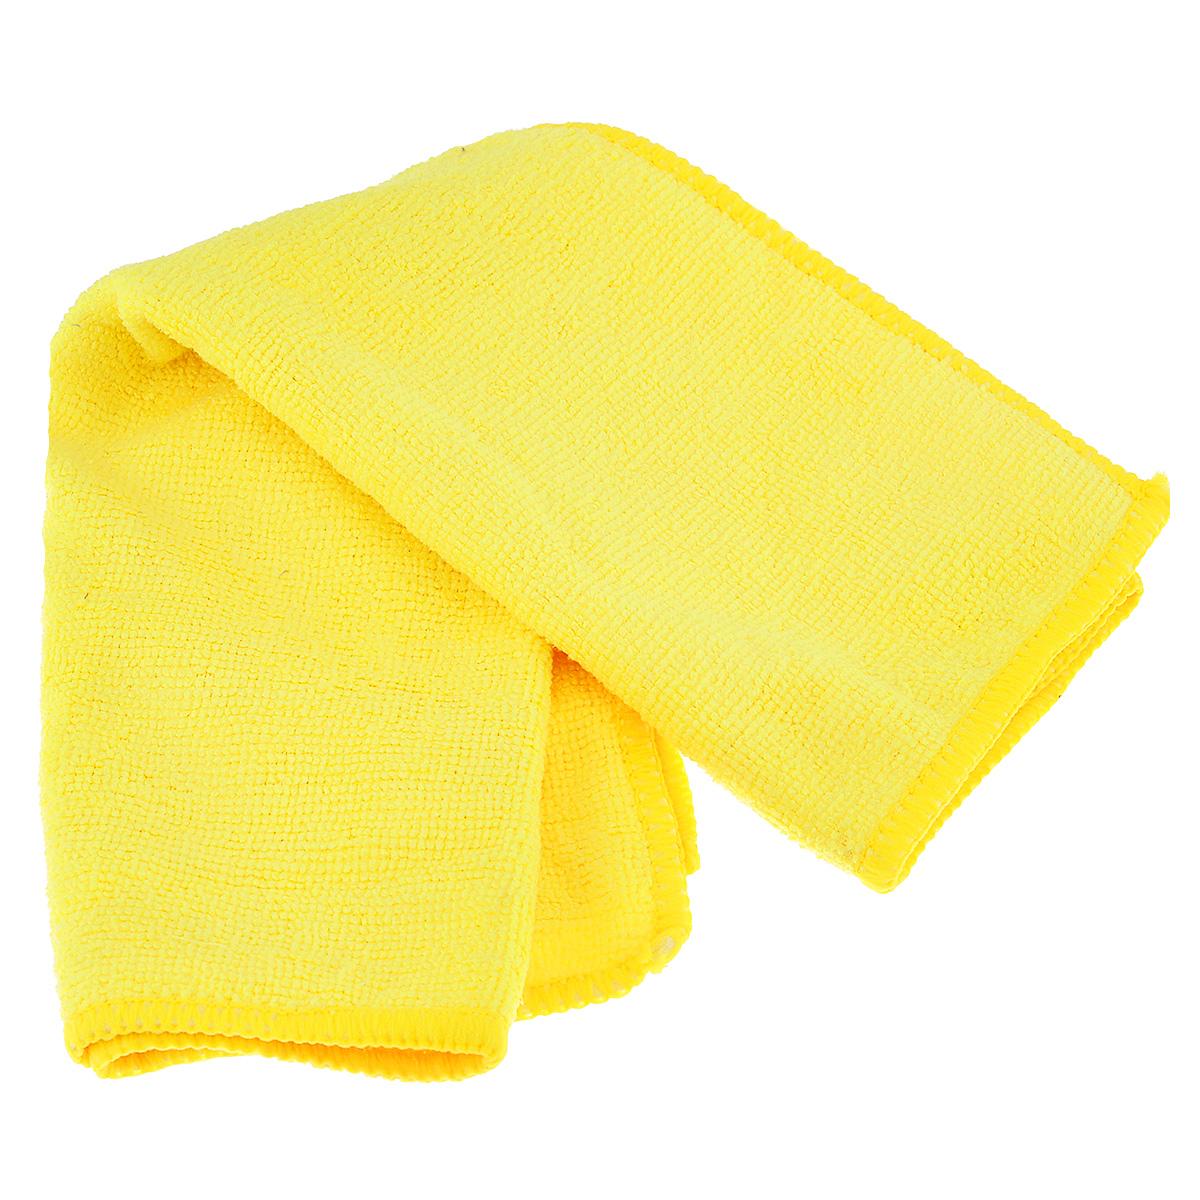 Салфетка из микрофибры Magic Power, для ухода за СВЧ печами и духовыми шкафами, цвет: желтый, 35 х 40 см531-105Салфетка Magic Power, изготовленная из микрофибры (75% полиэстера, 25% полиамида), предназначена для ухода за СВЧ печами и духовыми шкафами, для очистки внешней и внутренней поверхности плит и микроволновых печей от любых видов загрязнений, для полировки и придания блеска. Идеально подходит для использования со средствами Magic Power по уходу за СВЧ-печами и духовыми шкафами. Не оставляет разводов и ворсинок. Обладает повышенной прочностью.